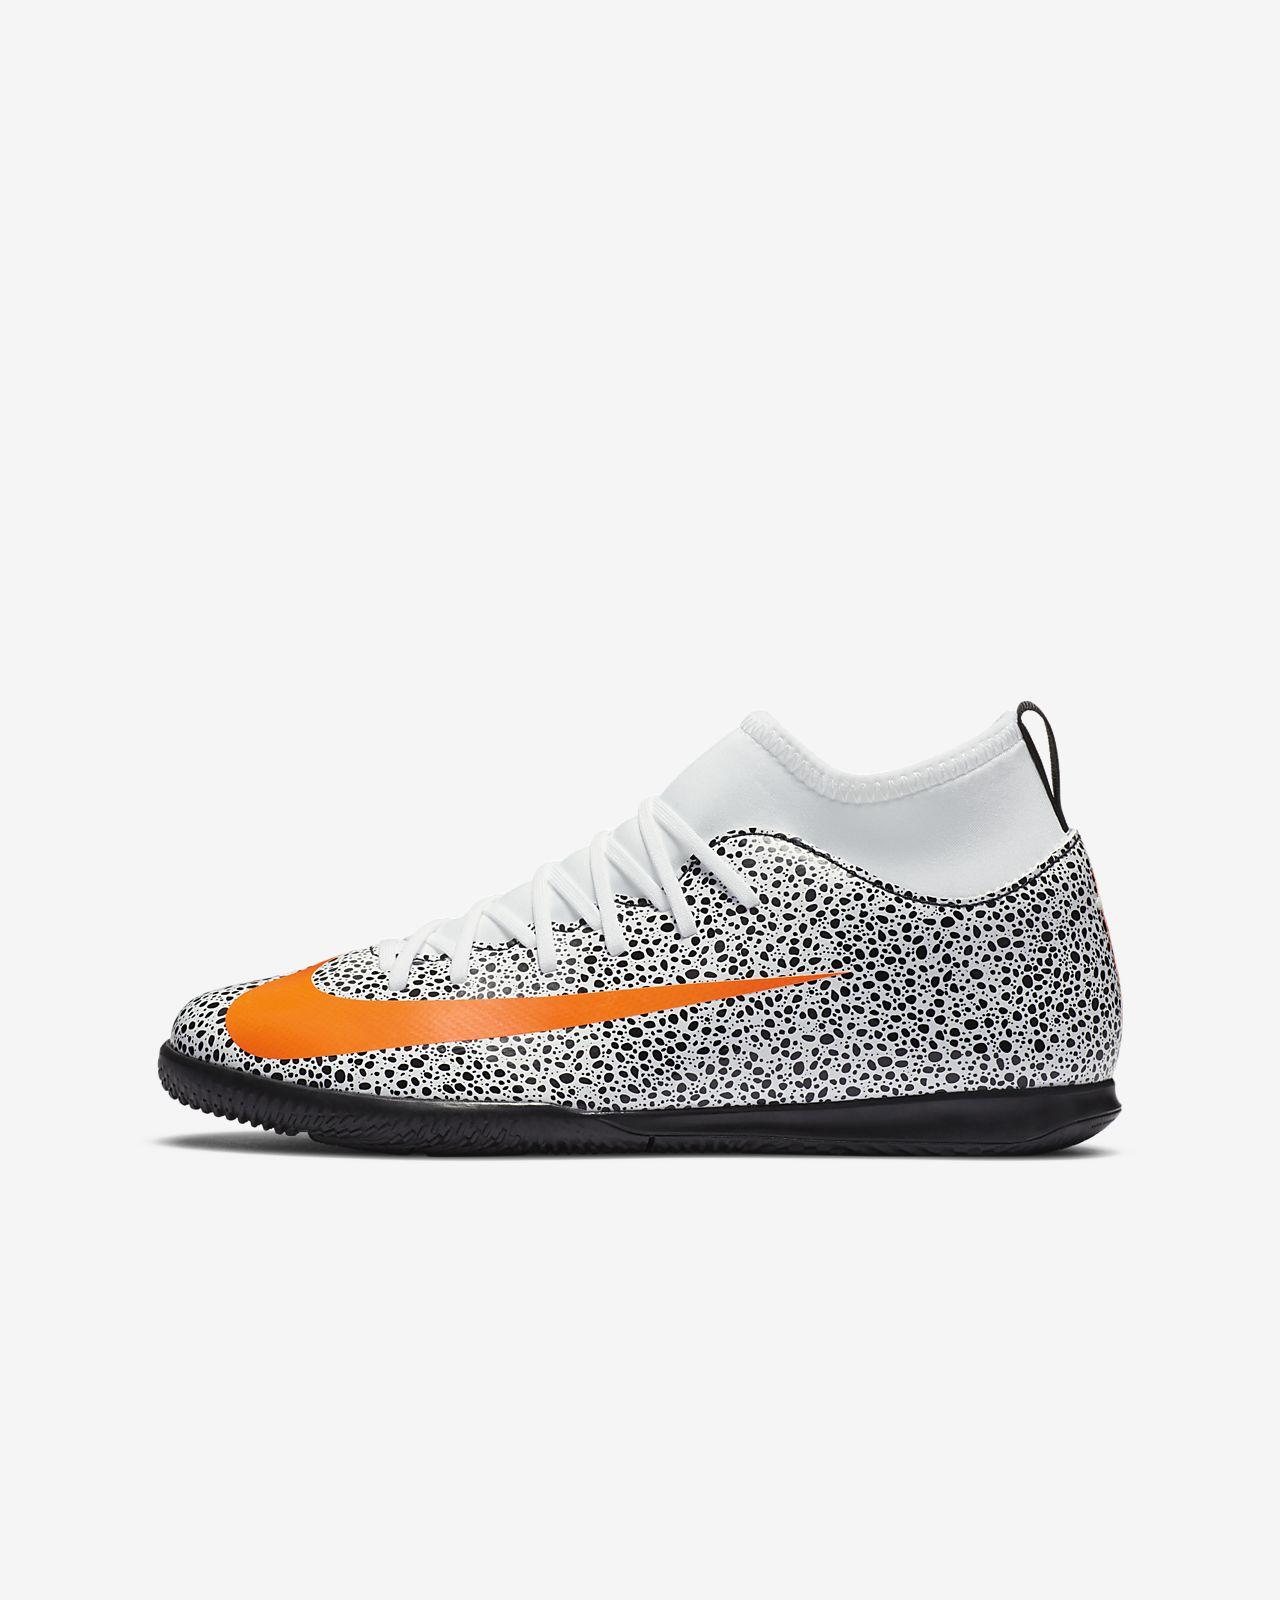 Ποδοσφαιρικό παπούτσι για κλειστά γήπεδα Nike Jr. Mercurial Superfly 7 Club CR7 Safari IC για μικρά/μεγάλα παιδιά